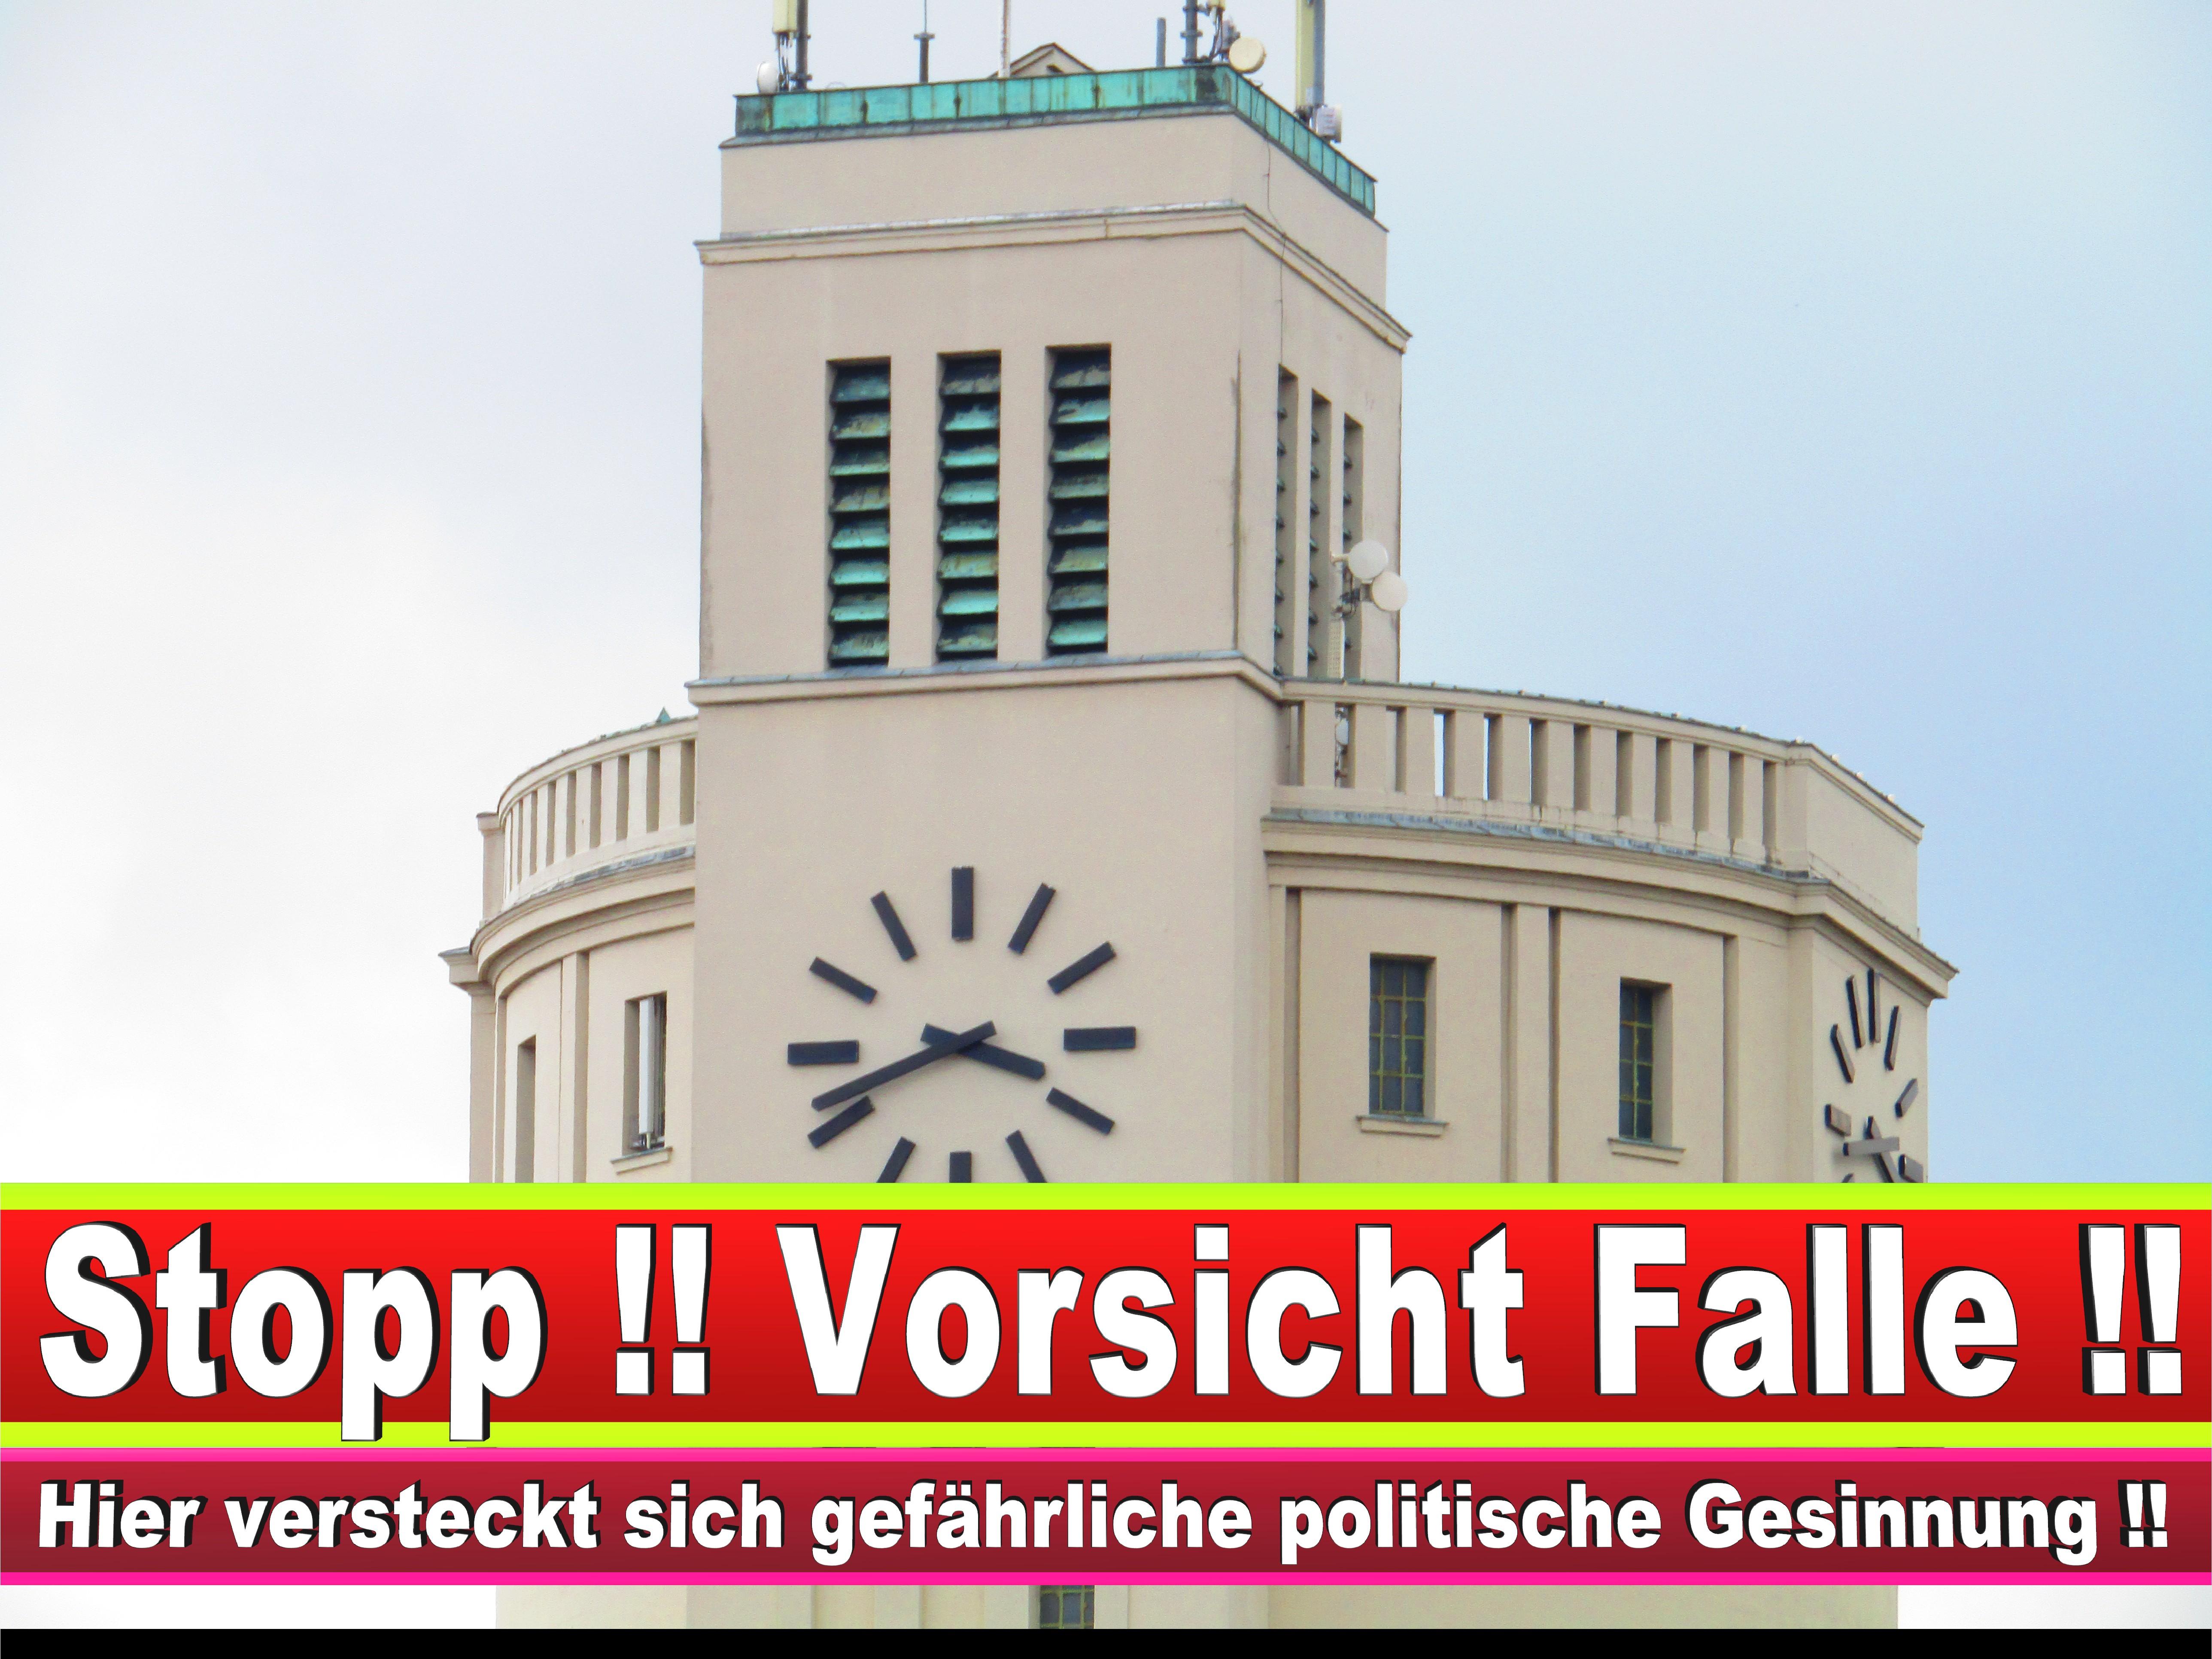 FAIRTRADEMERCH D FINKE & S LAUSTROER GBR David Finke Krackser Str 12 Bielefeld